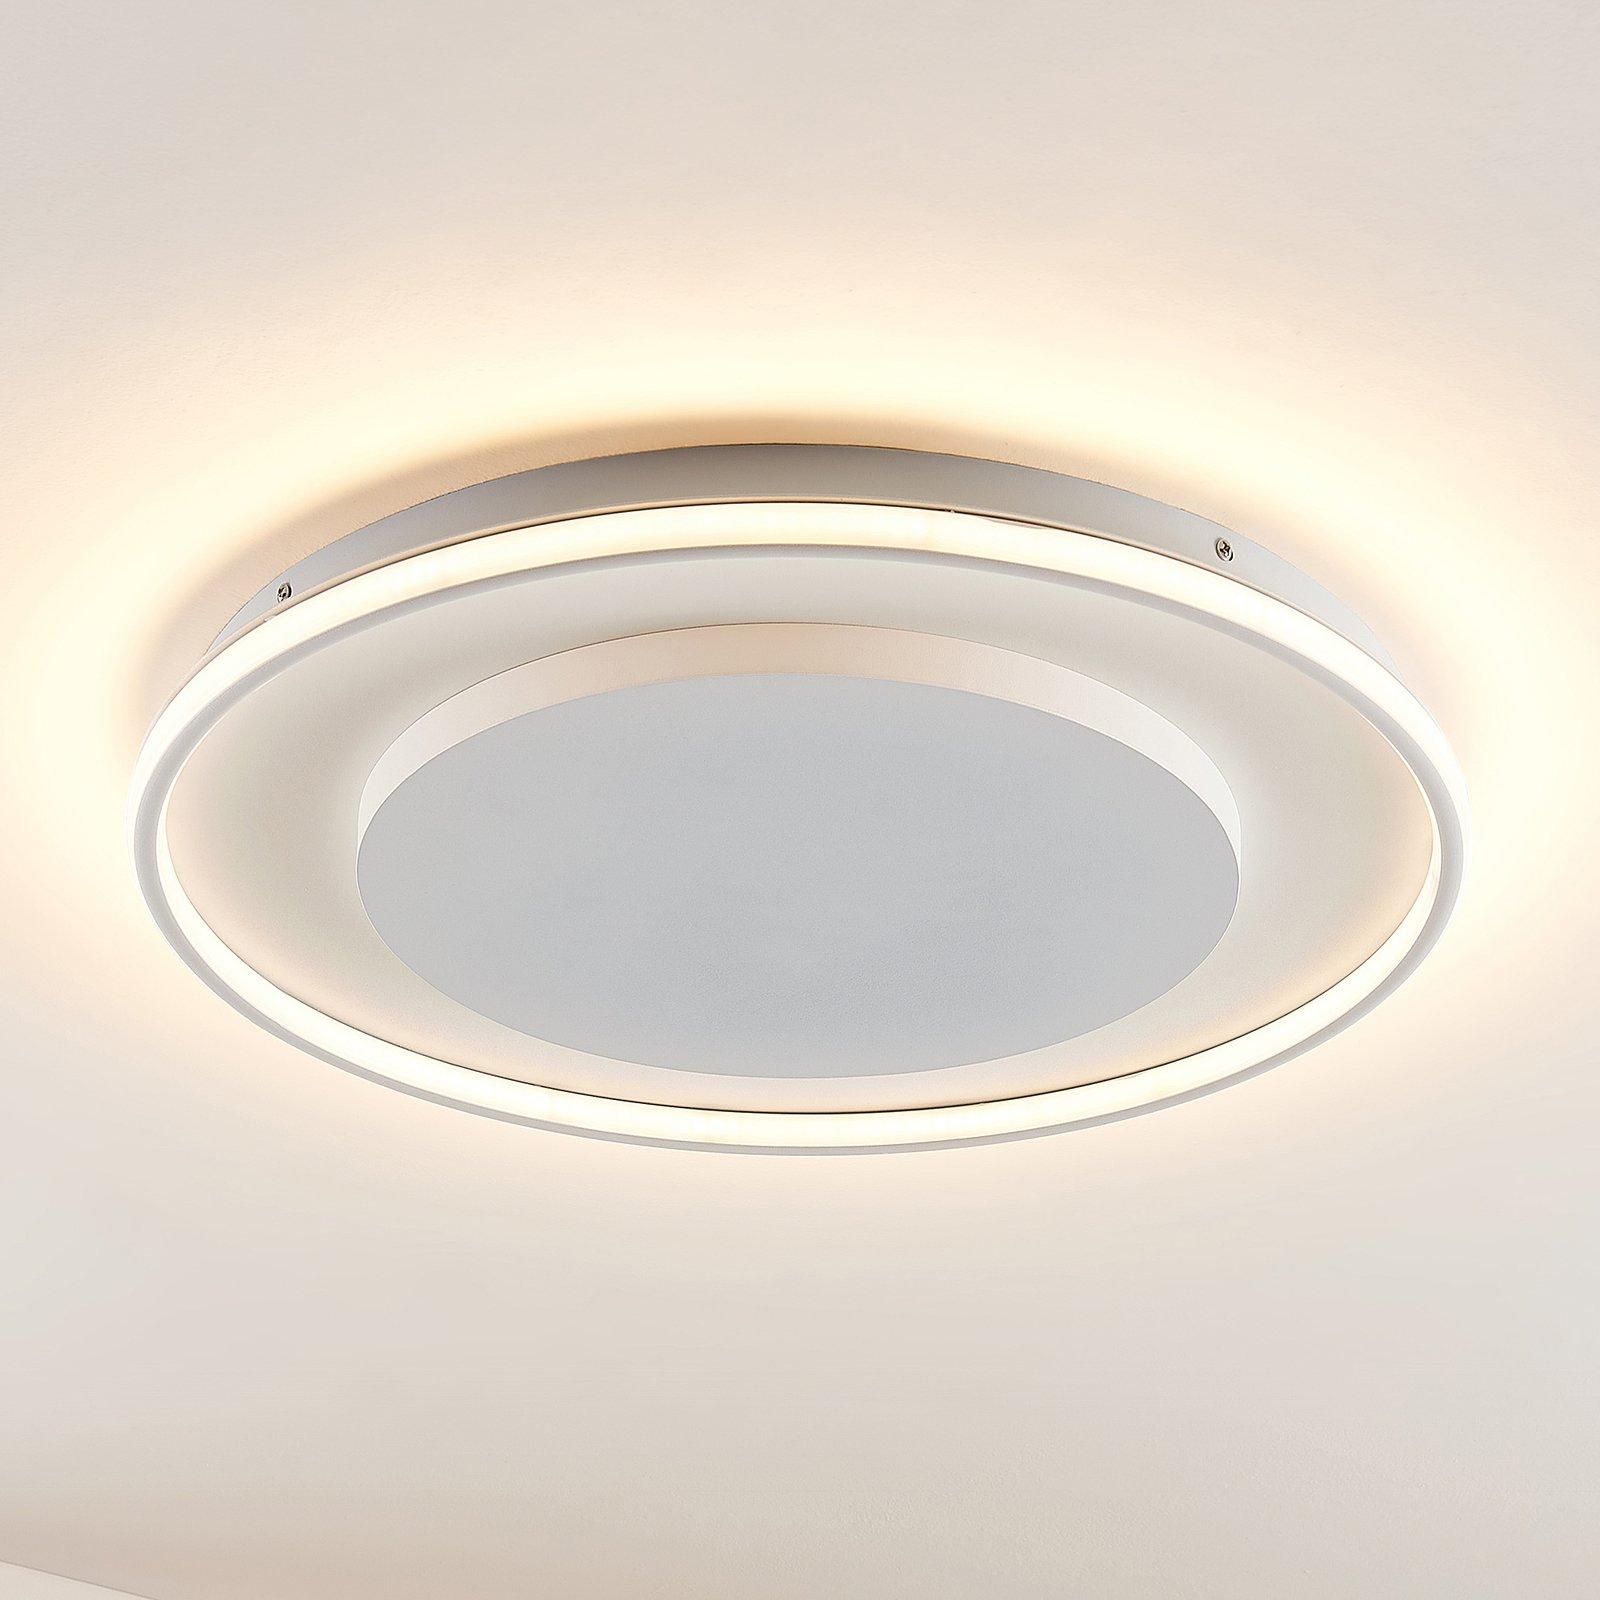 Lucande Murna LED-taklampe, Ø 61 cm